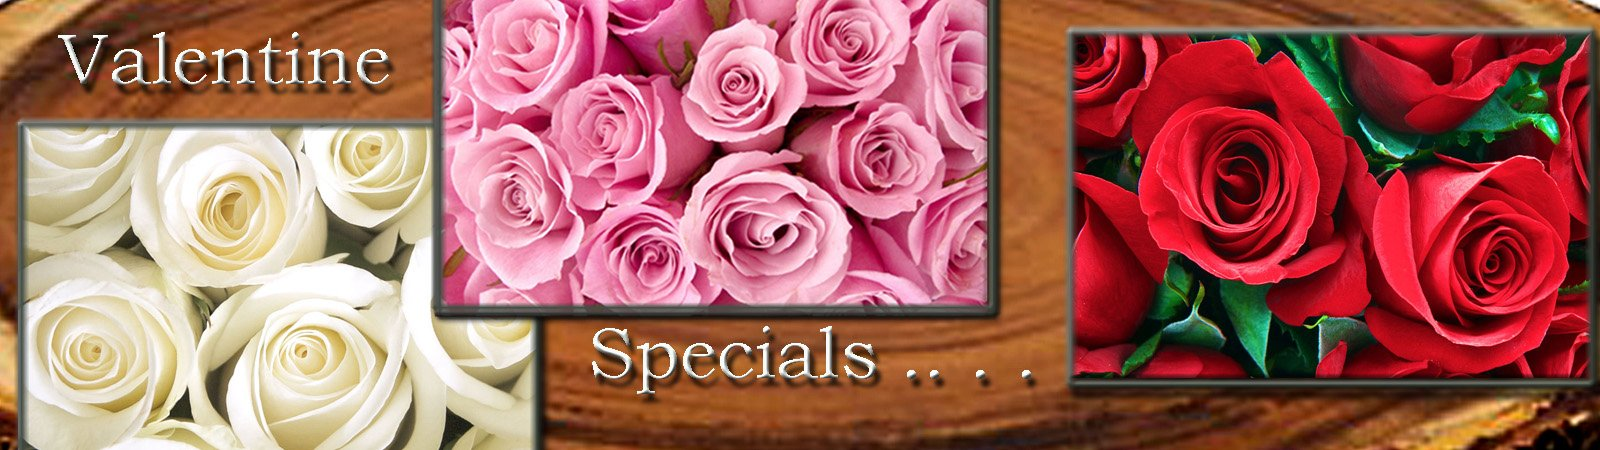 VALENTINE Specials 1 - 2017